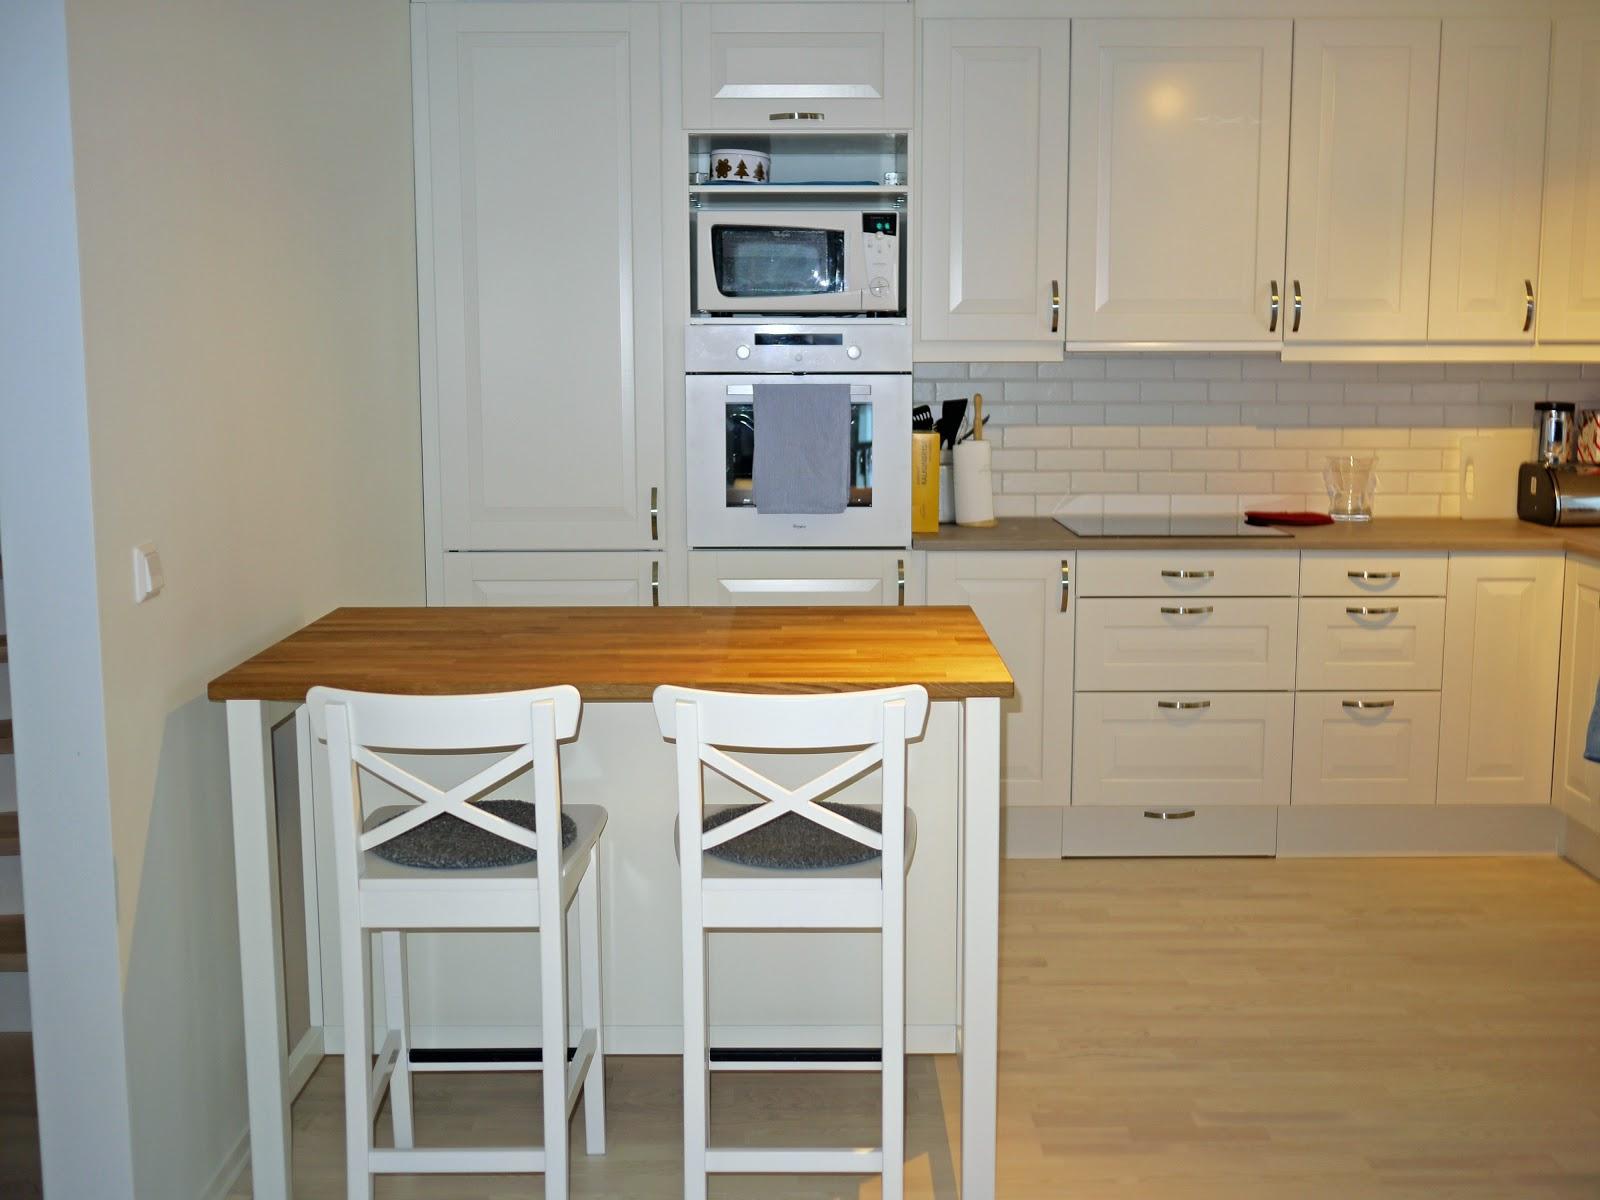 Piano Da Lavoro Per Cucina Ikea : Piano Cottura 2 Fuochi Gas Ikea  #6F4B27 1600 1200 Mobile Dispensa X Cucina